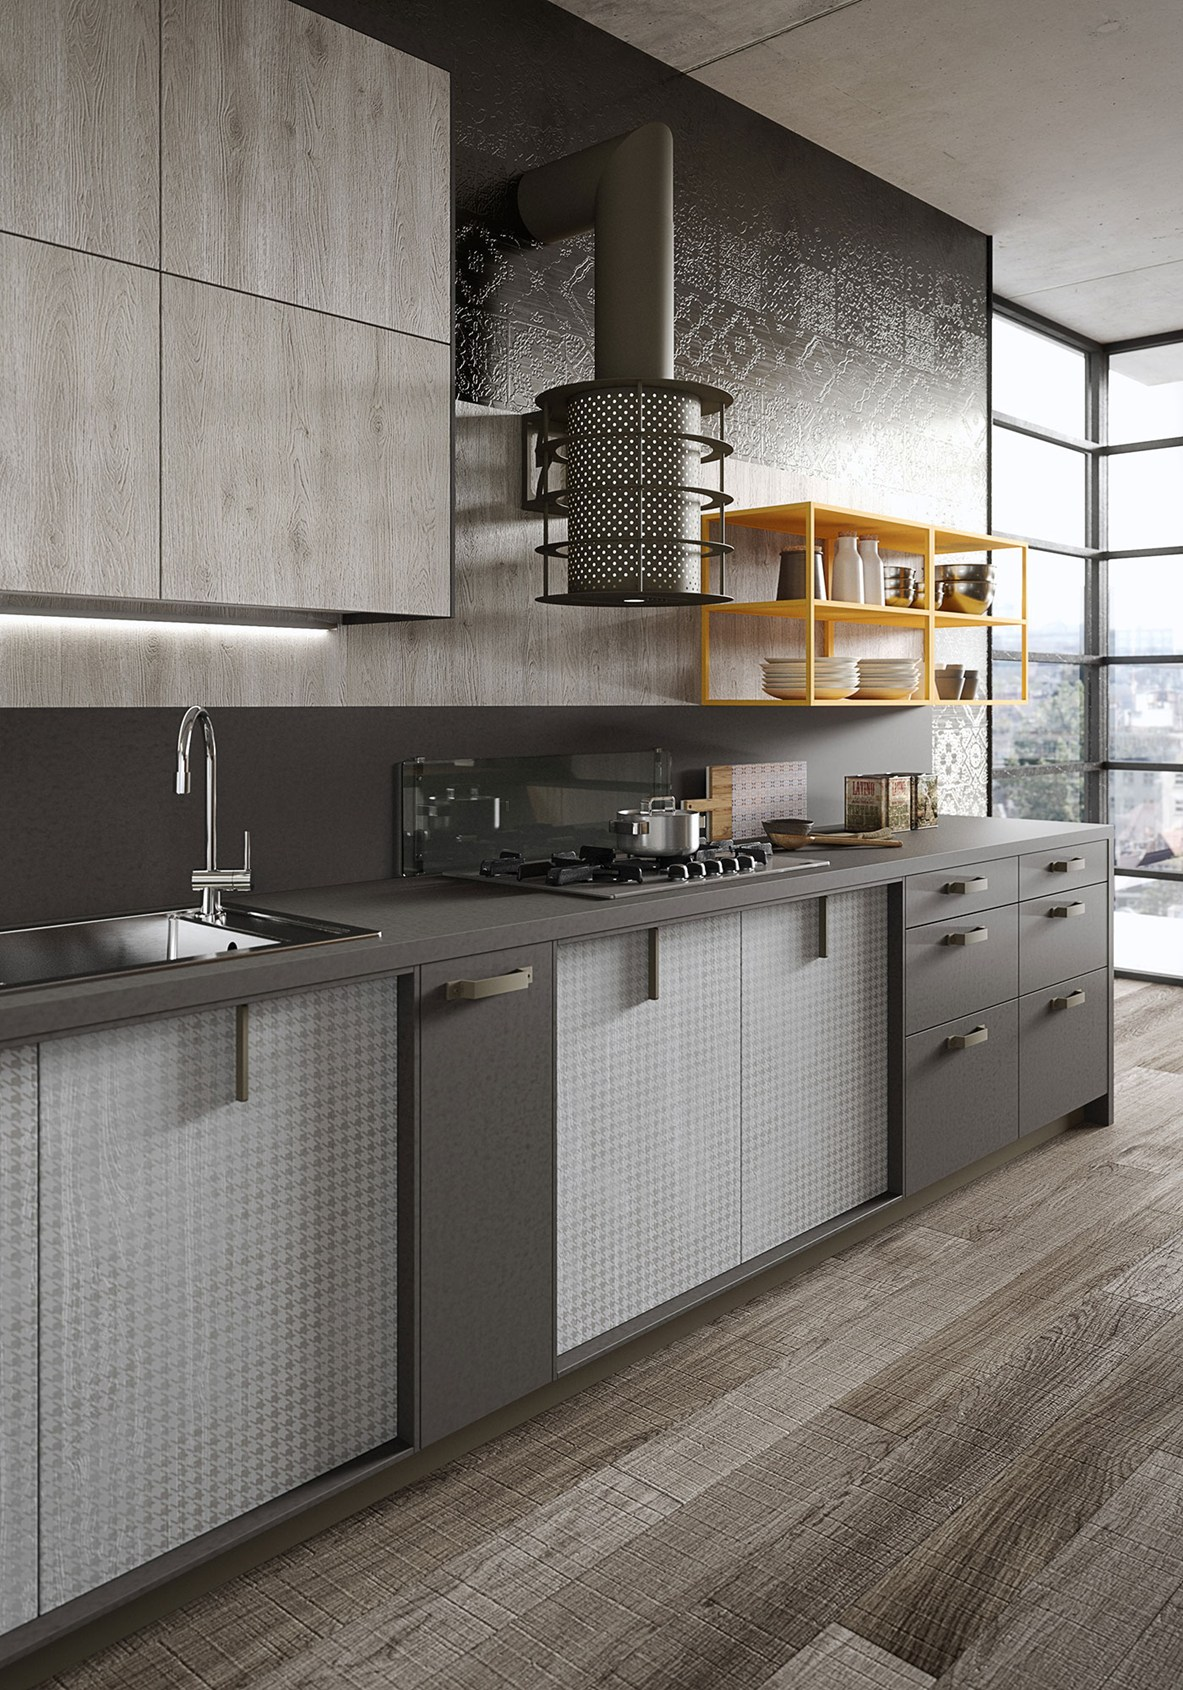 legno vissuto, metallo e vetro per la cucina loft - Cucine Loft